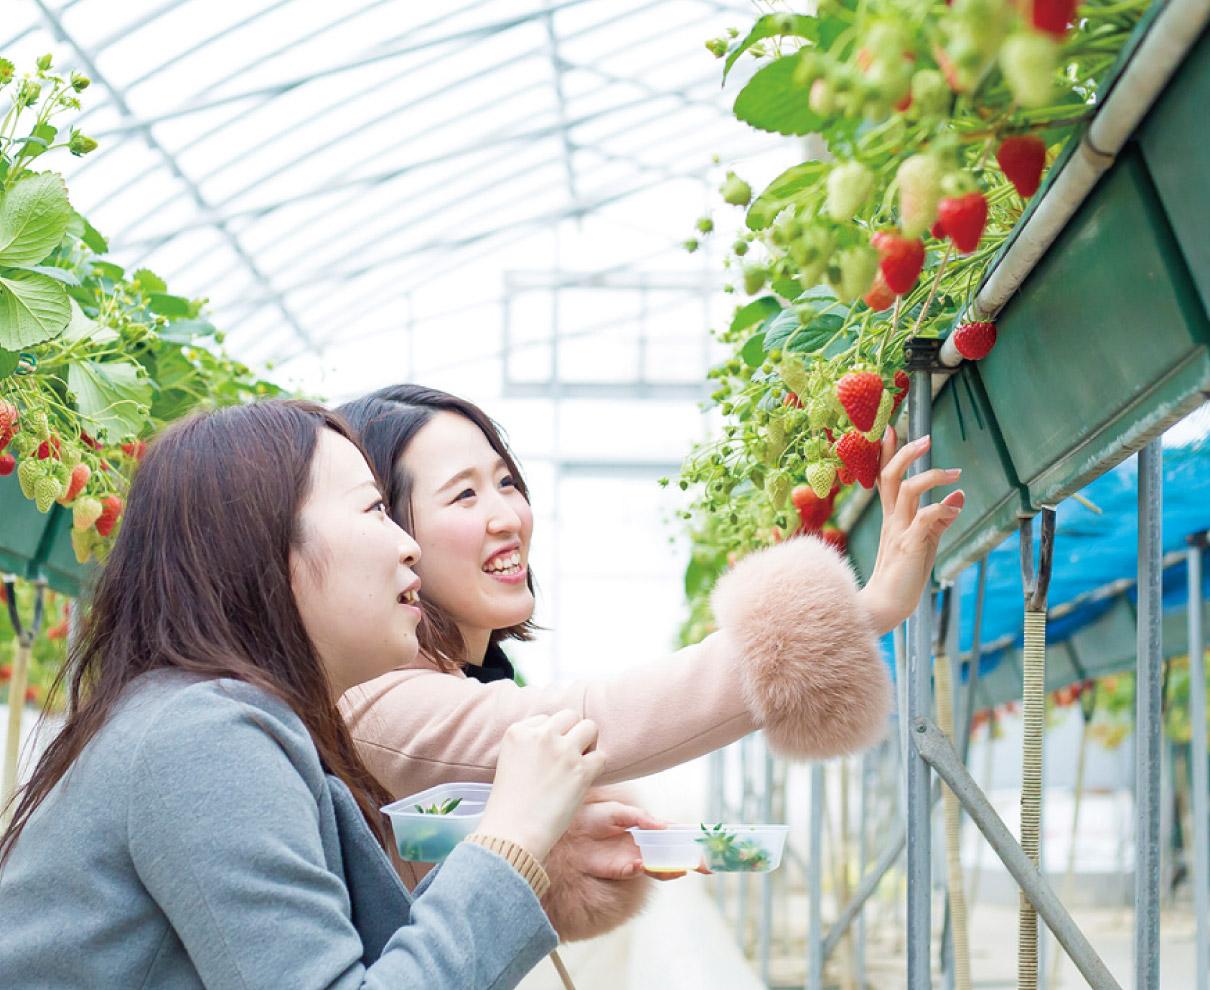 人気の観光スポット! 摘み取り専門のイチゴ園|農楽里(のらり)